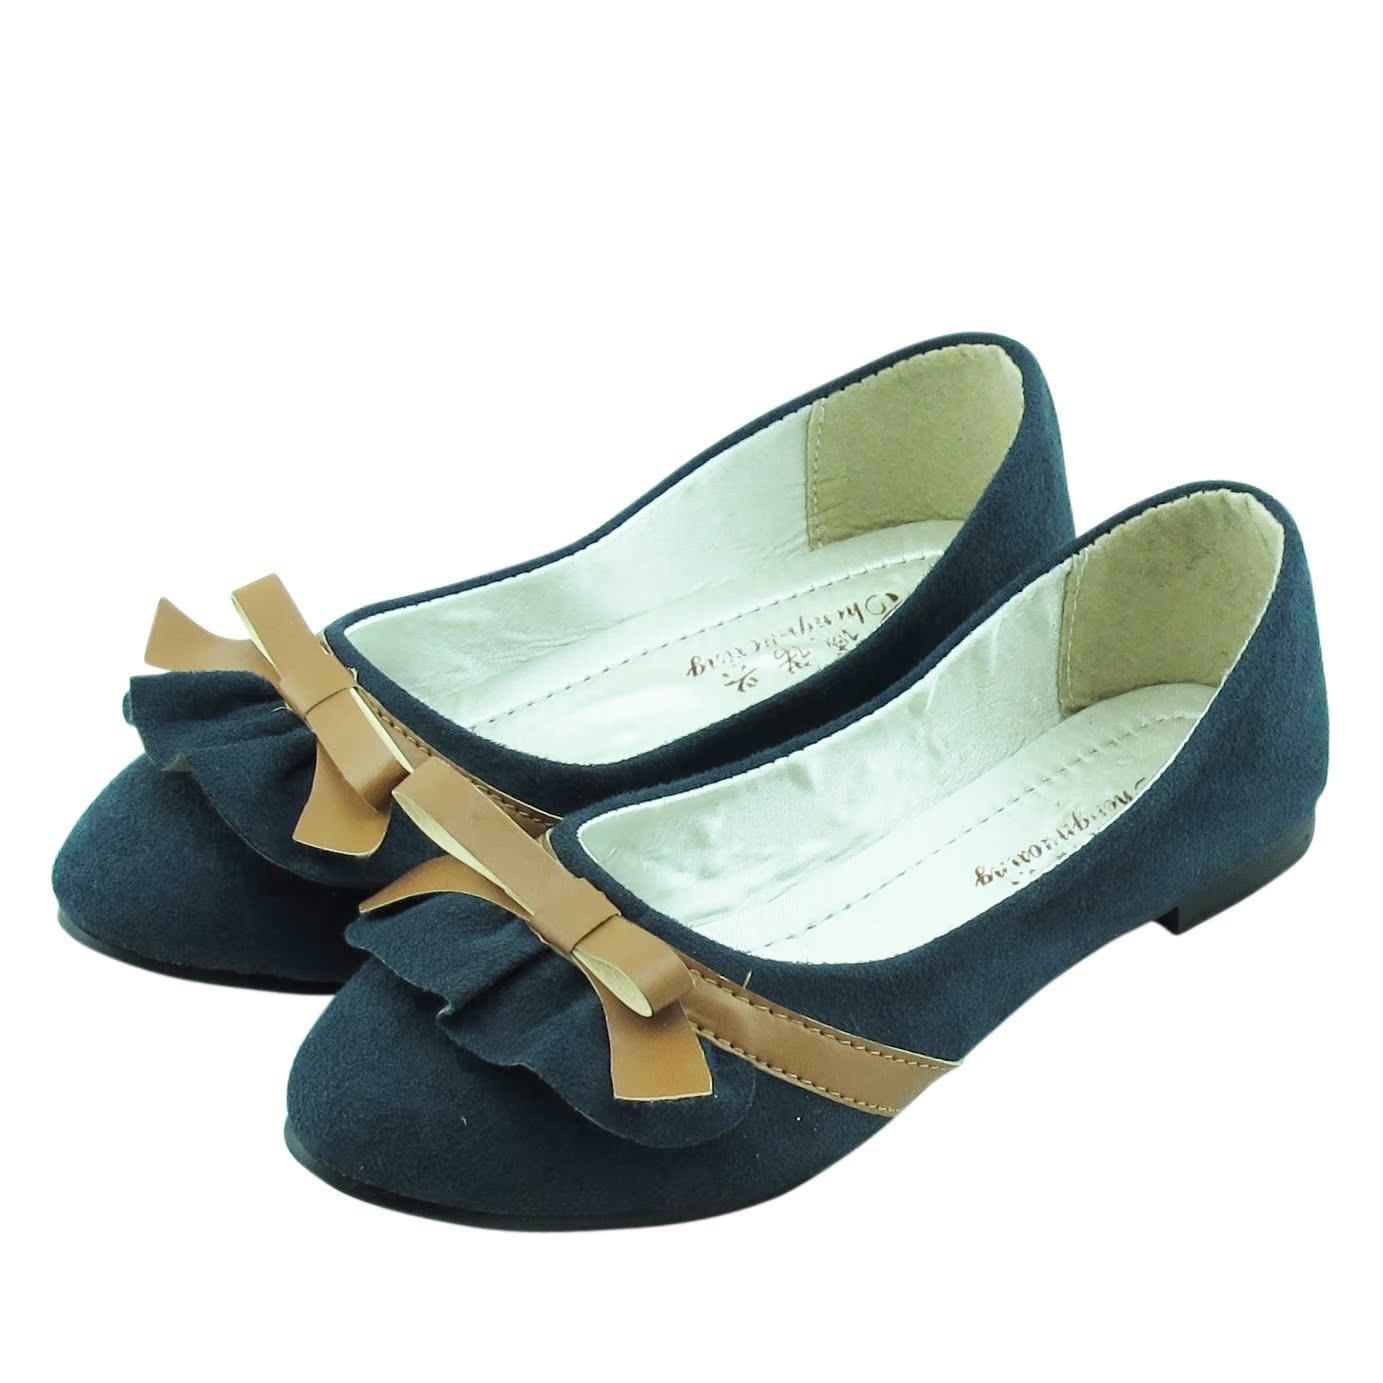 туфли Новый летний корейский сладкой леди складок, что принцесса Раффлед лук плоский Женская обувь обувь Обувь для женщин Замша